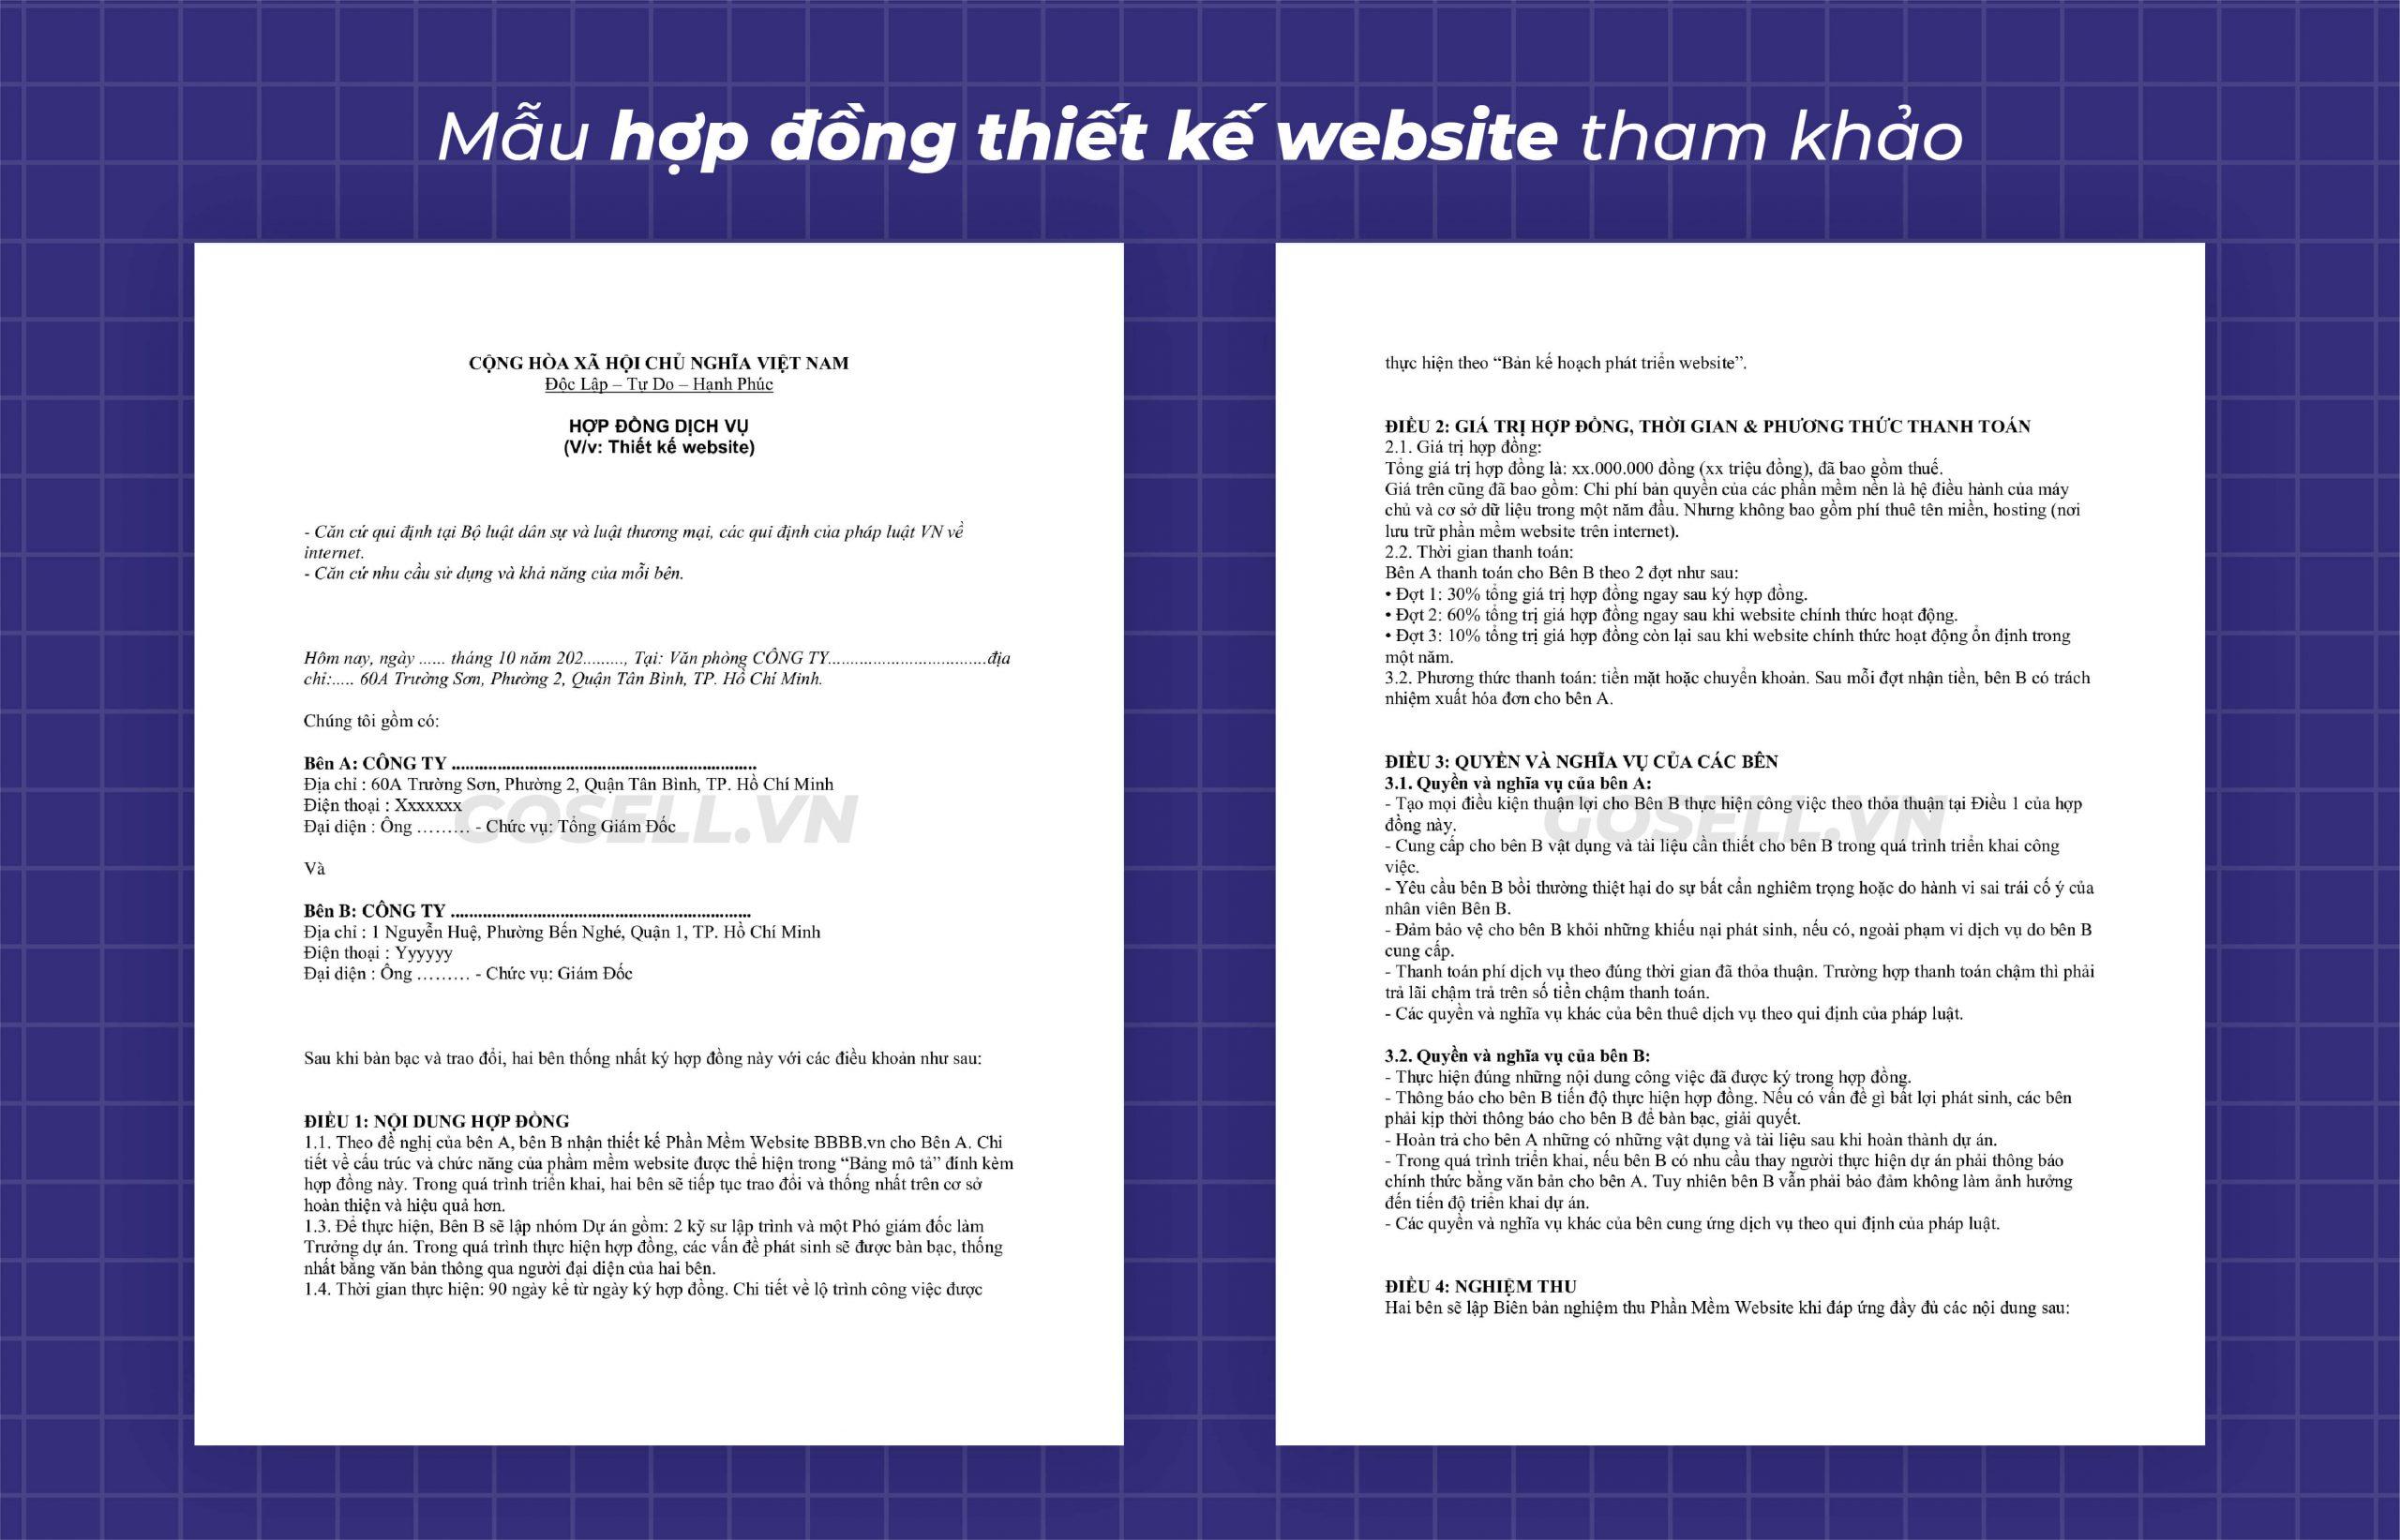 Mẫu hợp đồng thiết kế website